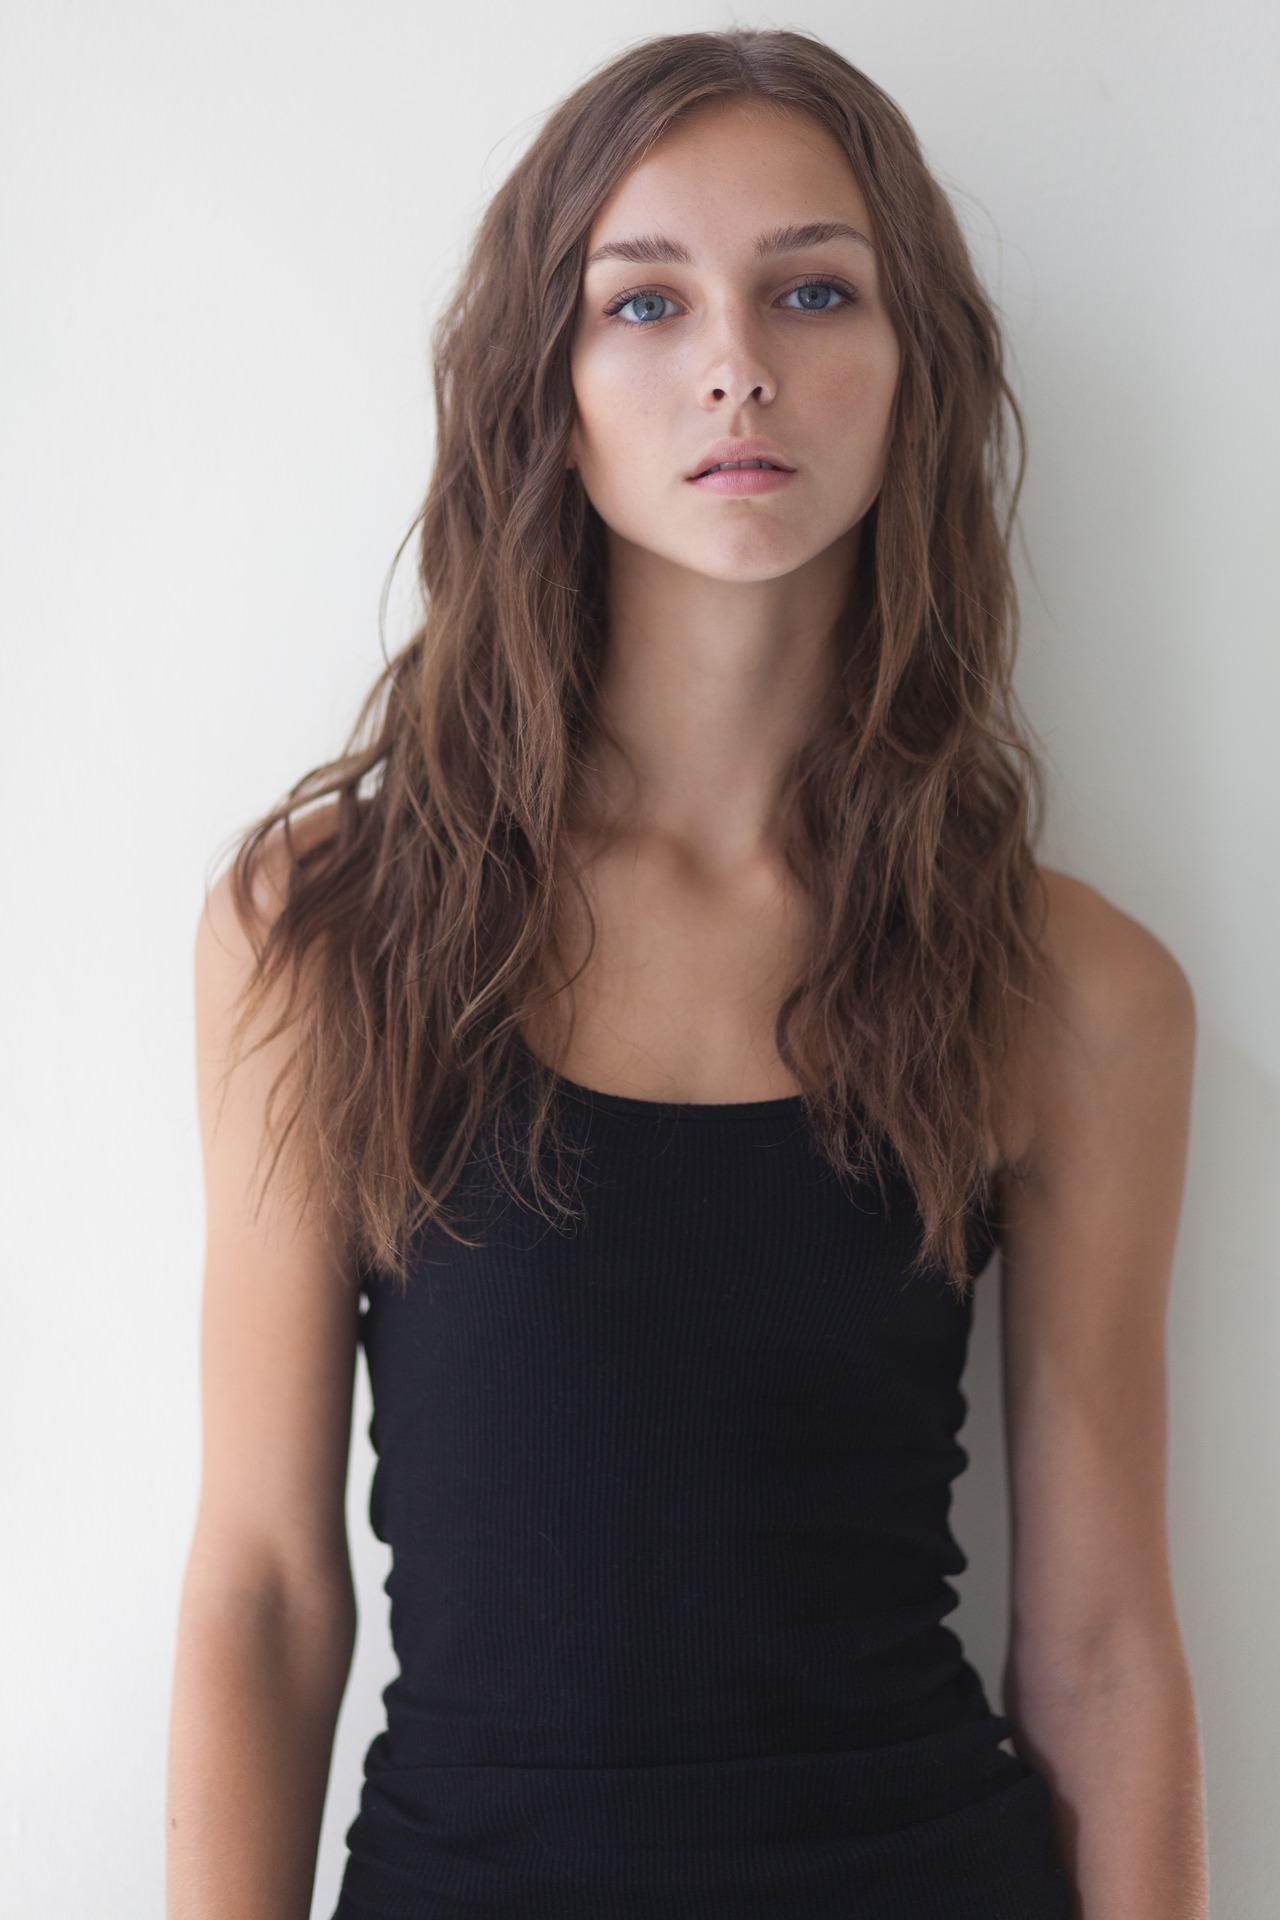 【外人】あどけなさが残るシアトル出身レイチェル・クック(Rachel Cook)のセミヌードポルノ画像 13181